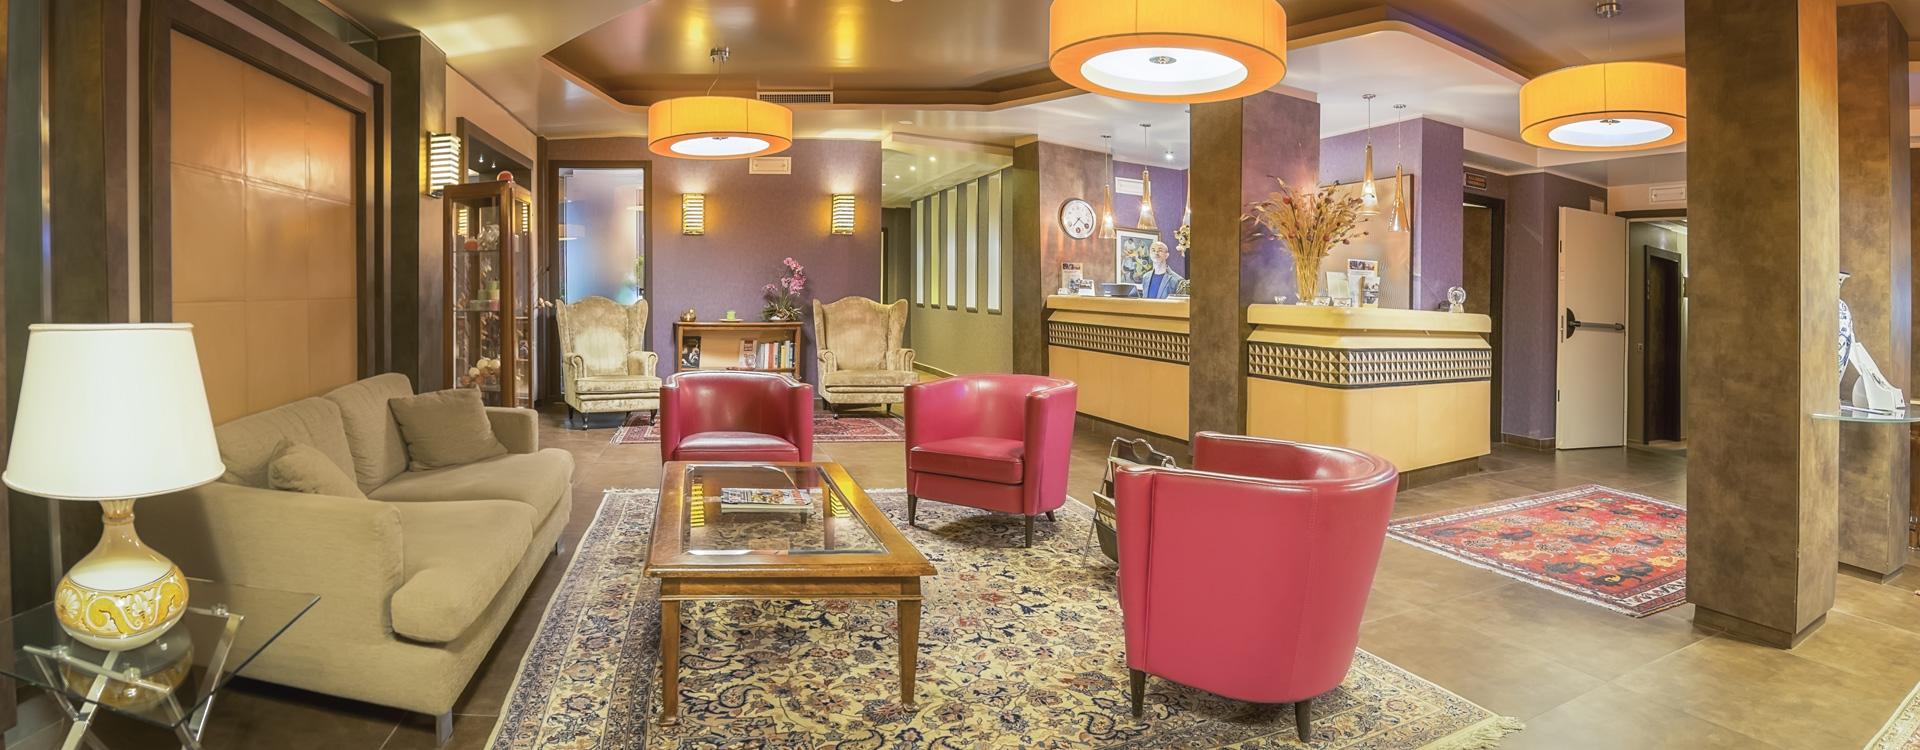 Fiumicino Airport Hotel